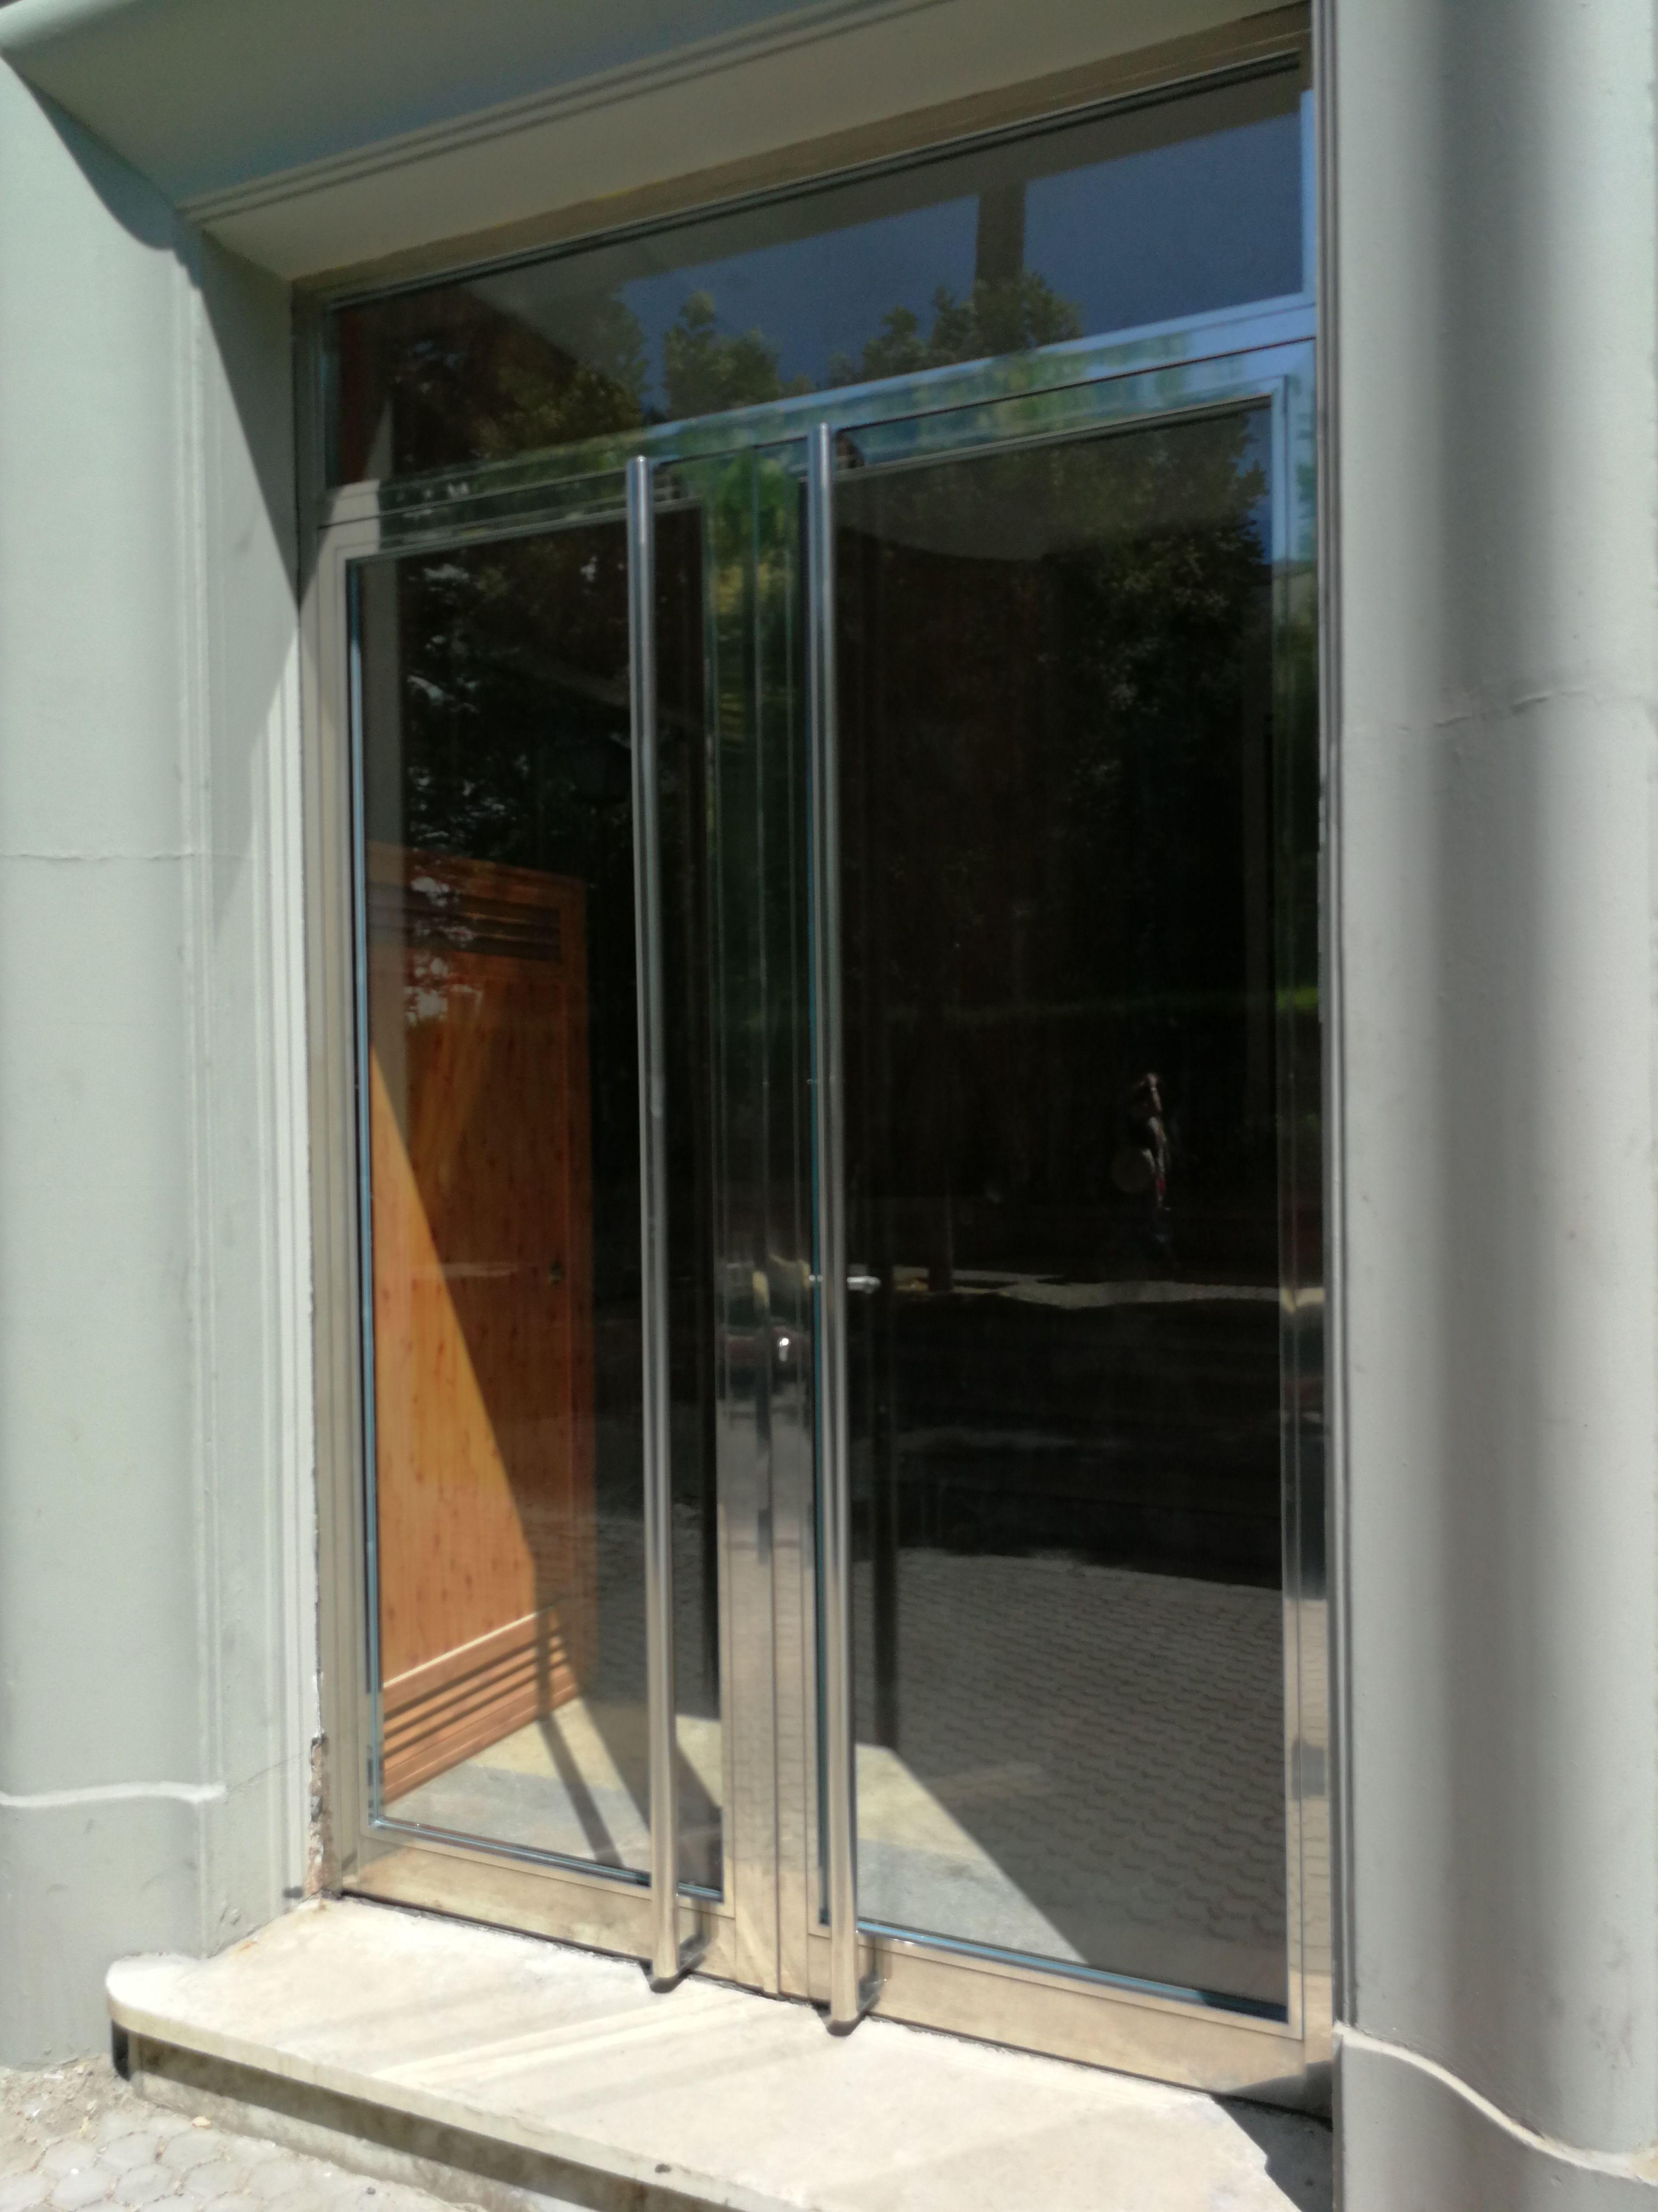 Puerta de acero inoxidable con vidrios de seguridad fabricada a medida.